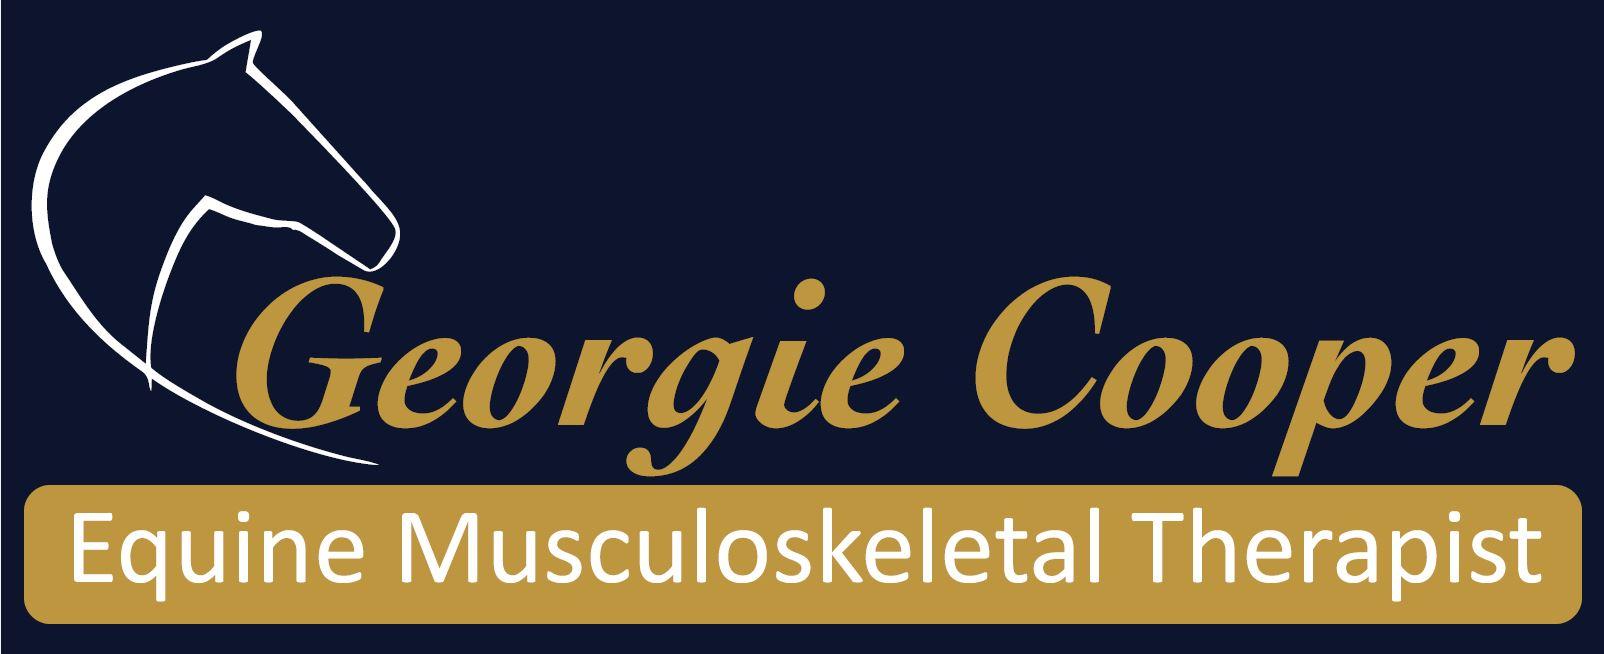 Georgie Cooper Equine Therapist